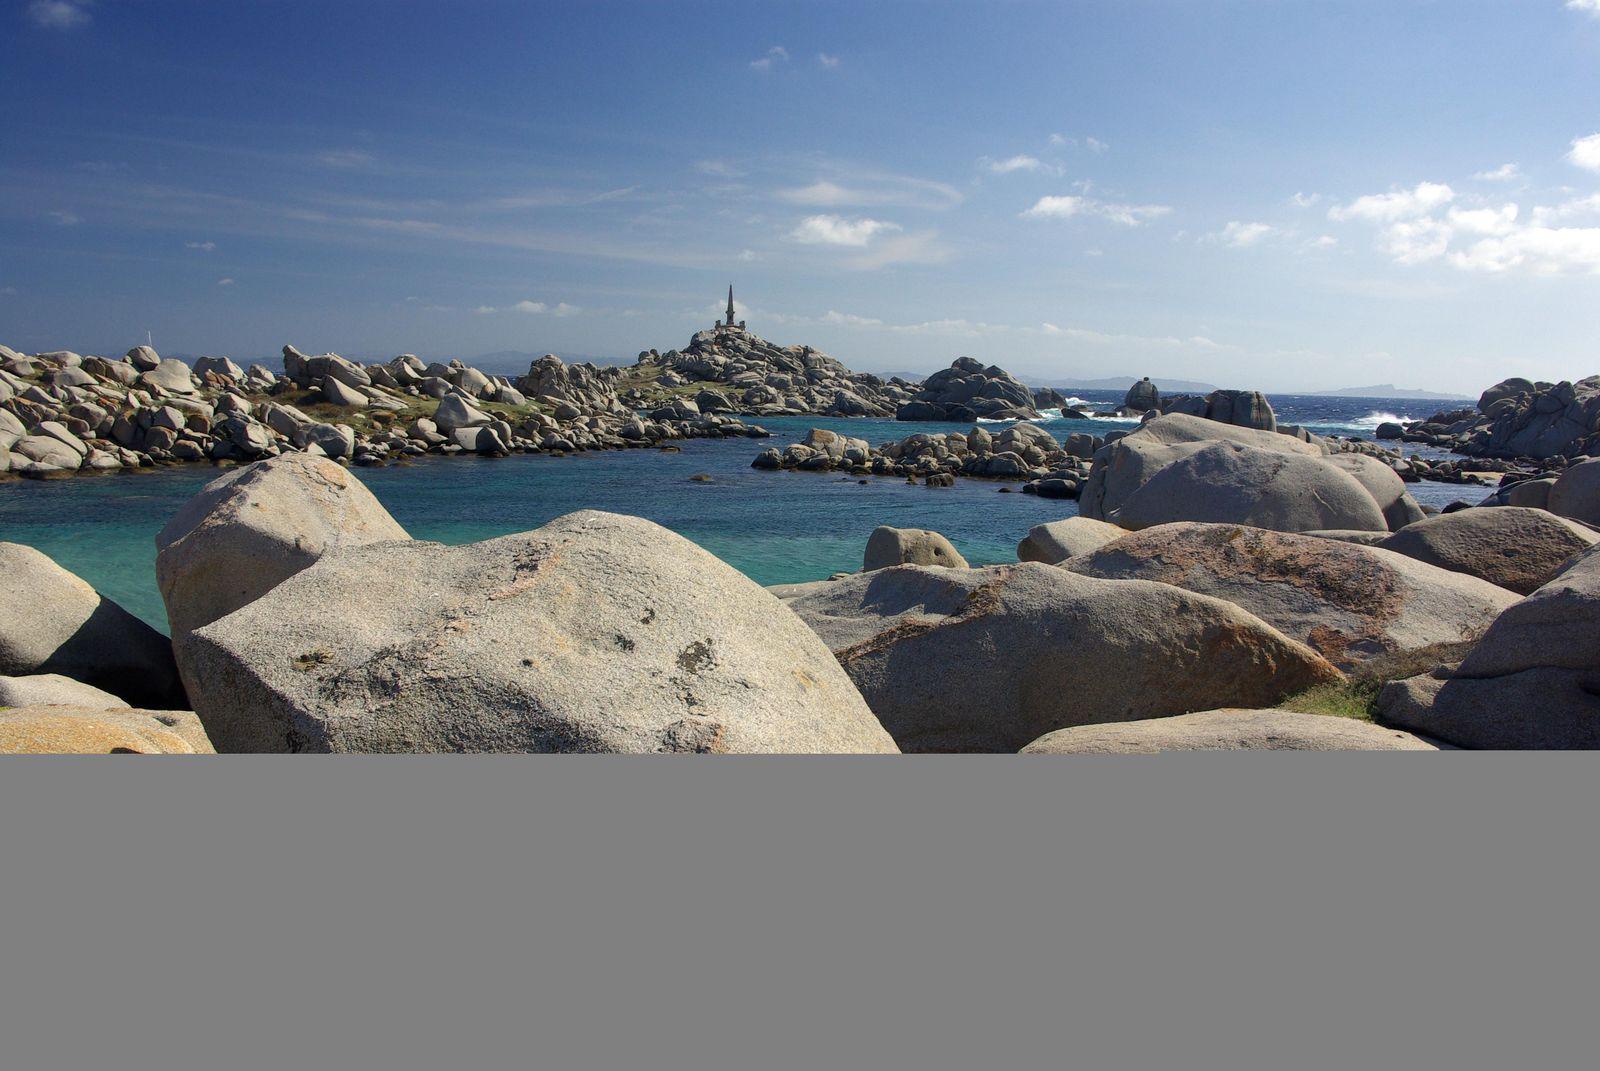 Îles laVEZZI_Bonifacio